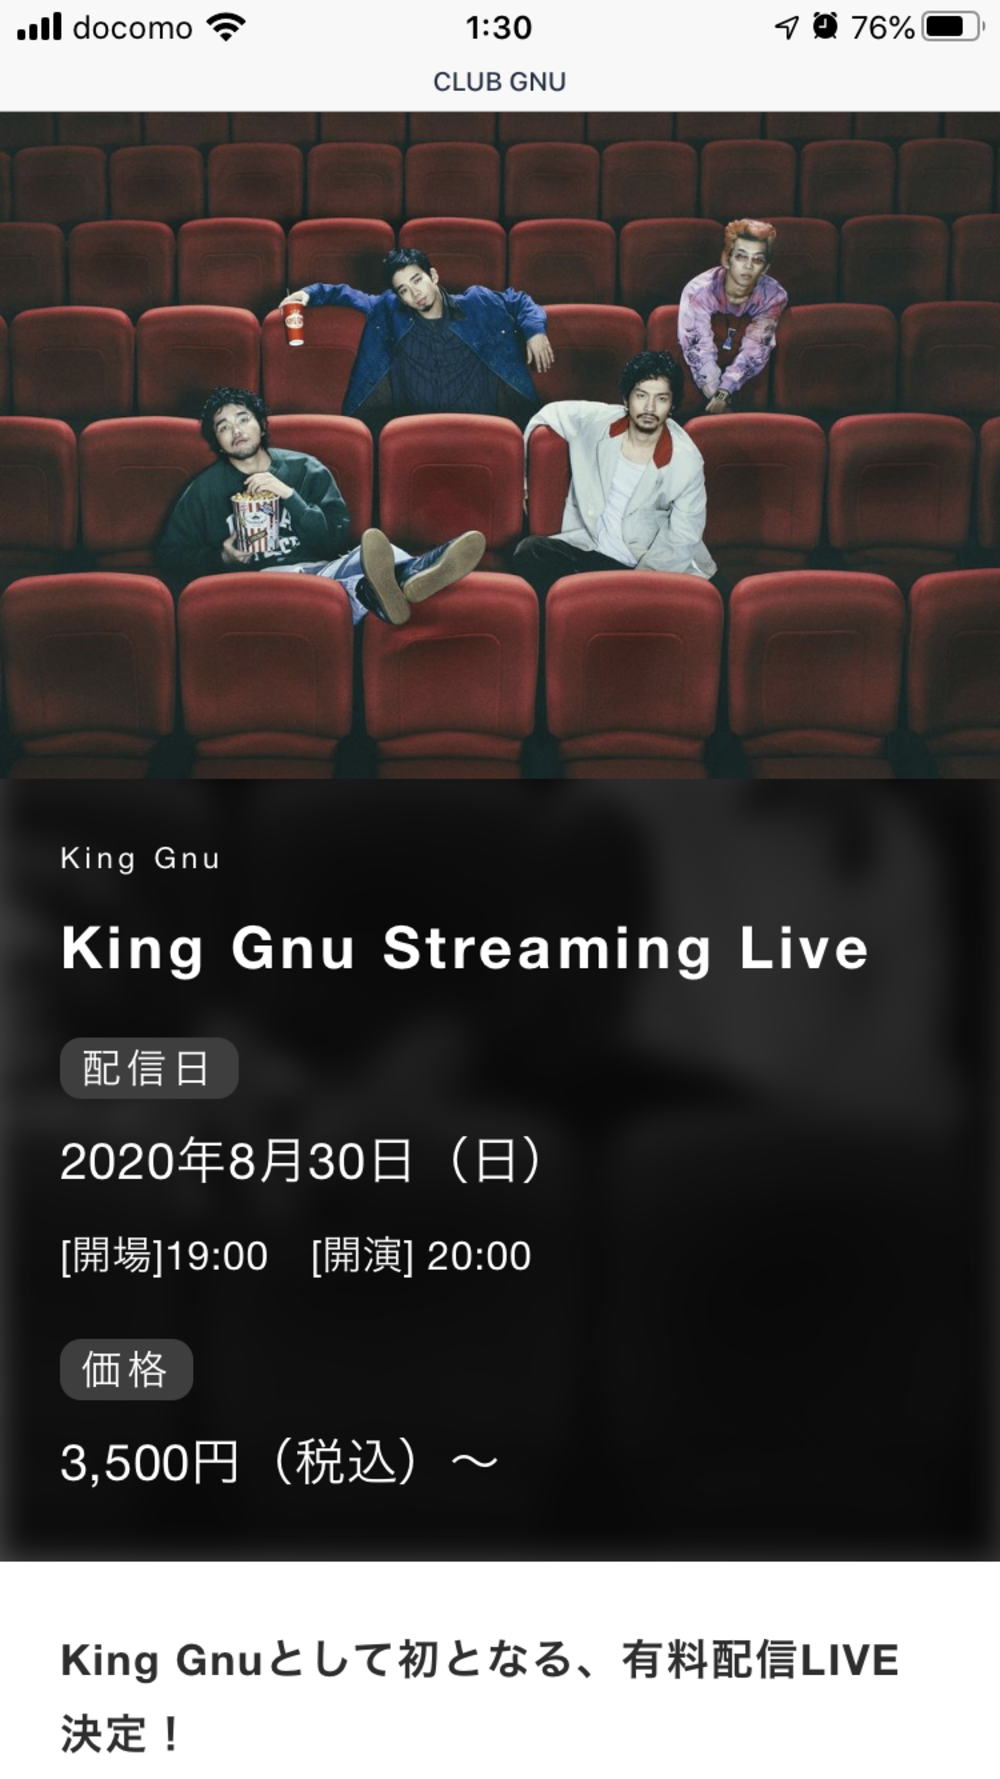 King gnu ドコモ